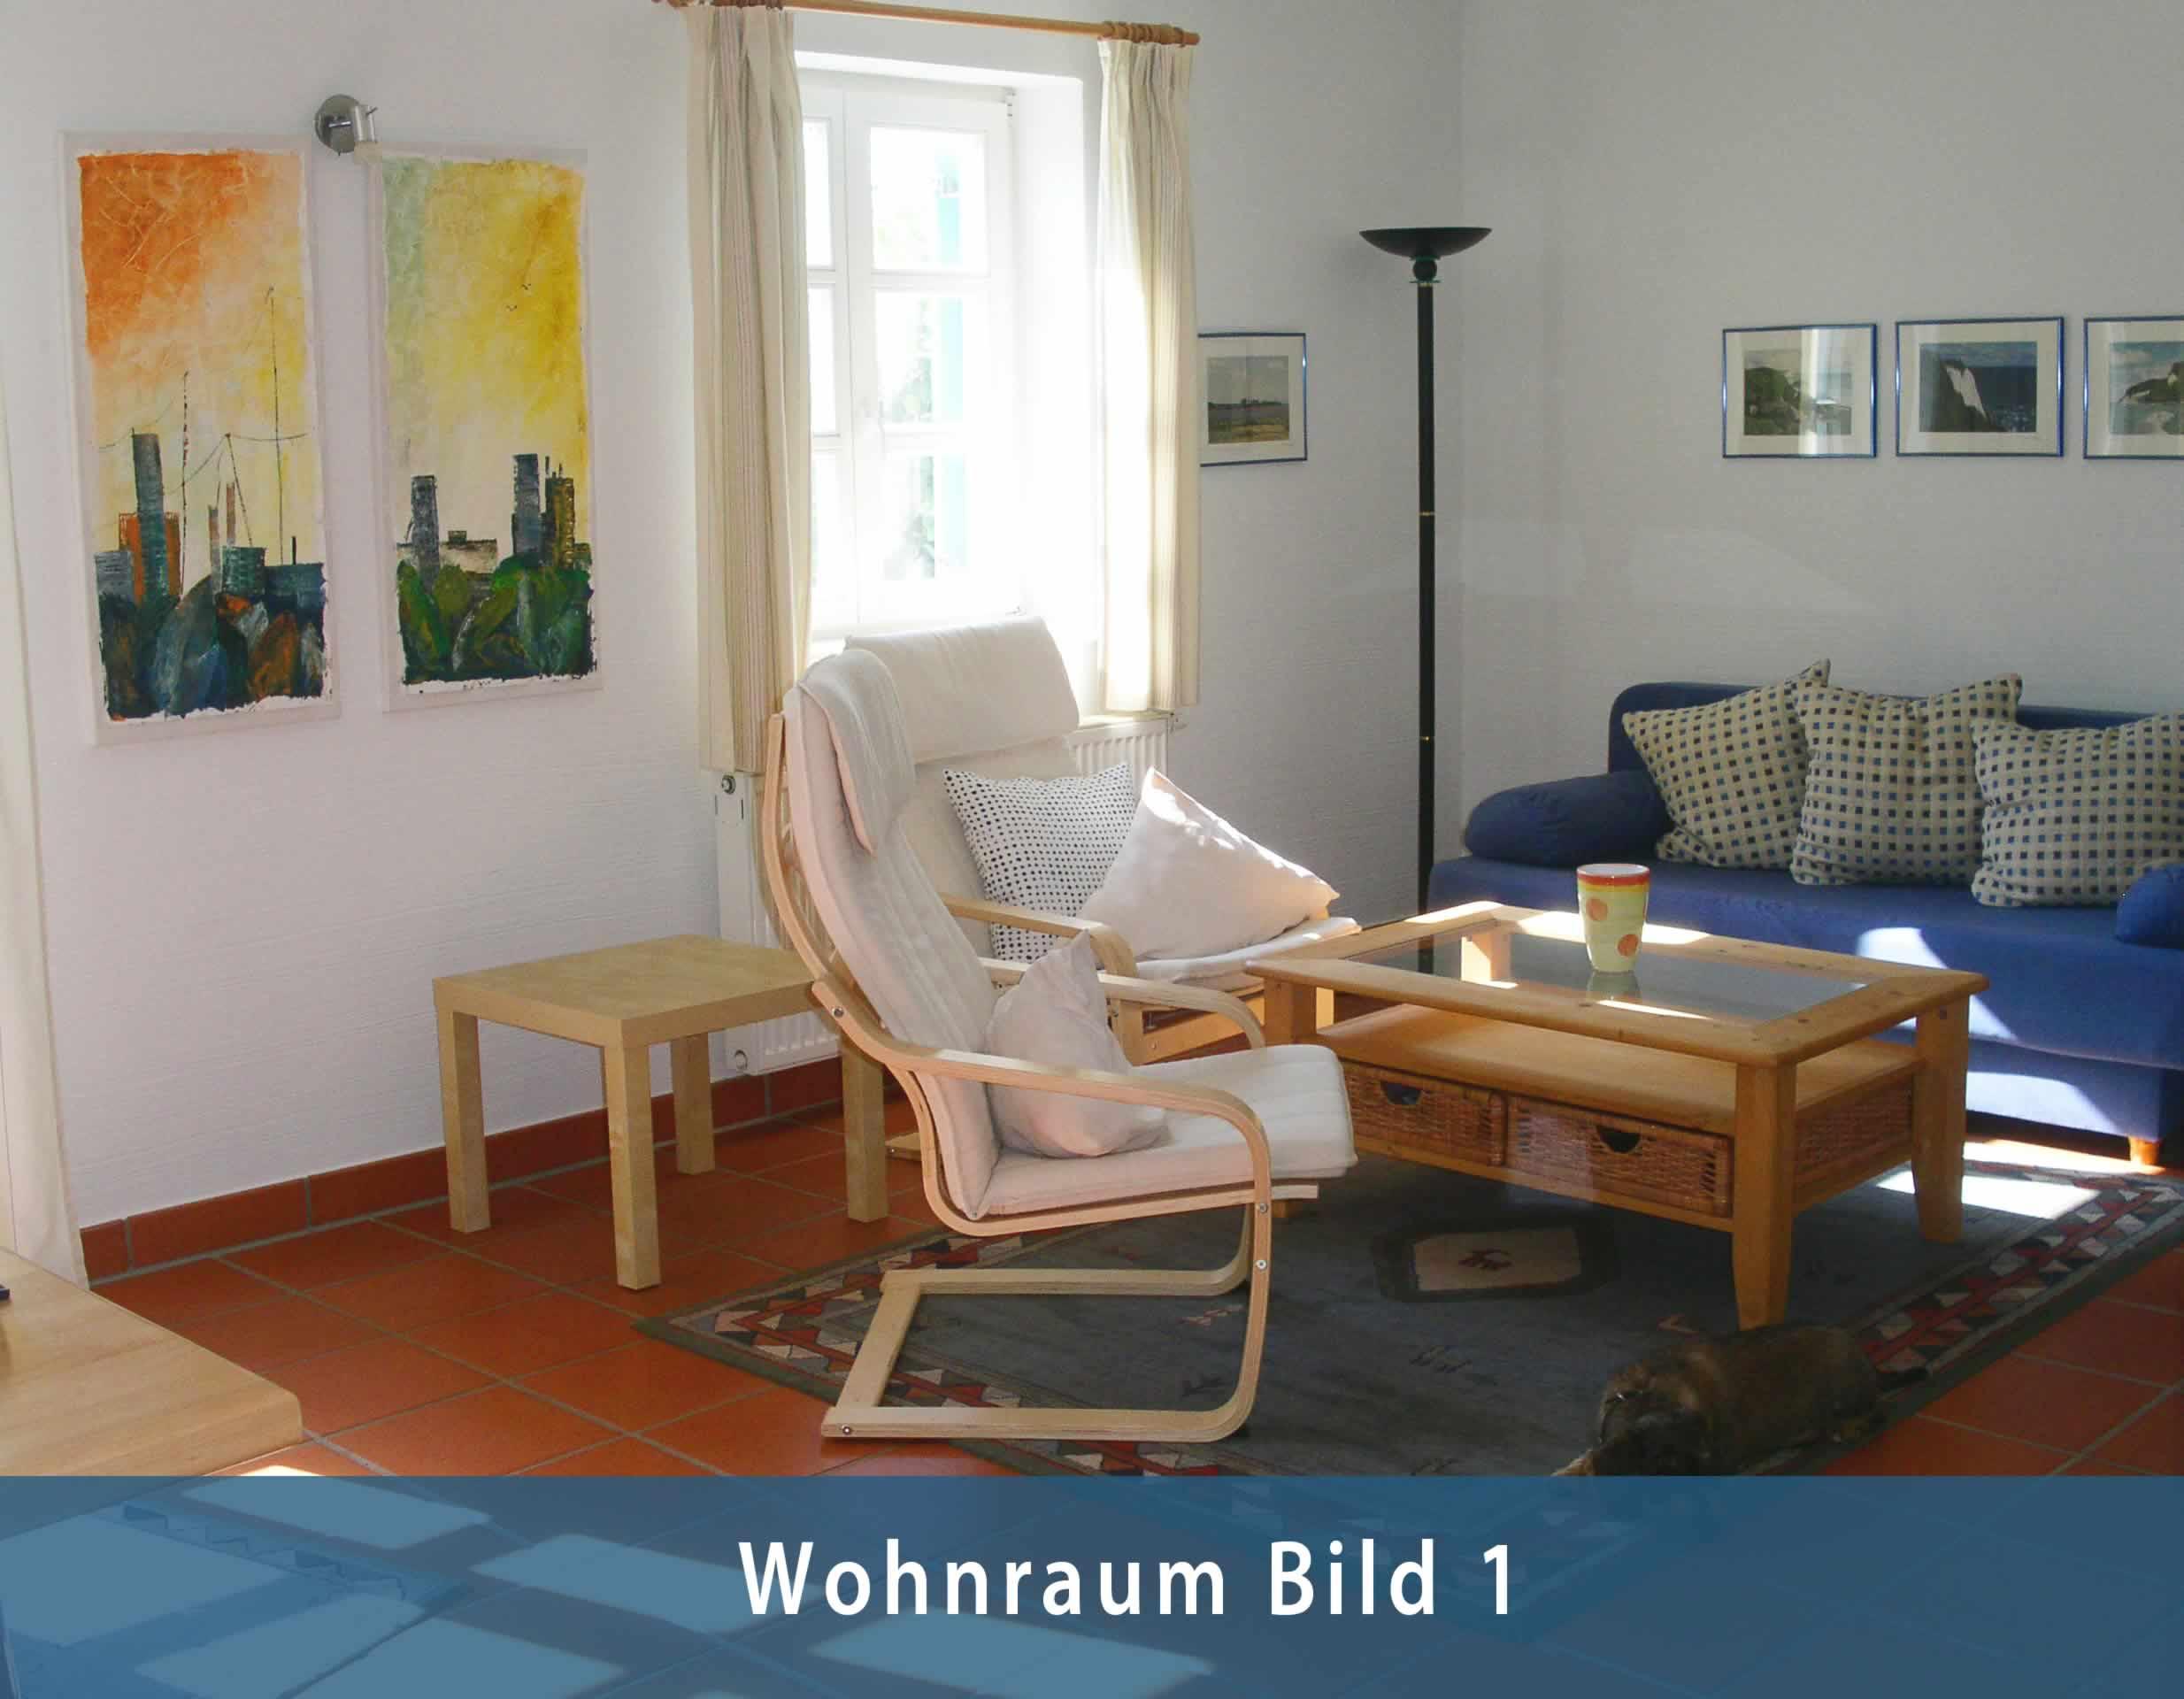 Bild 5 - Ferienwohnung auf Bakenberg bei Dranske - Objekt 142957-1